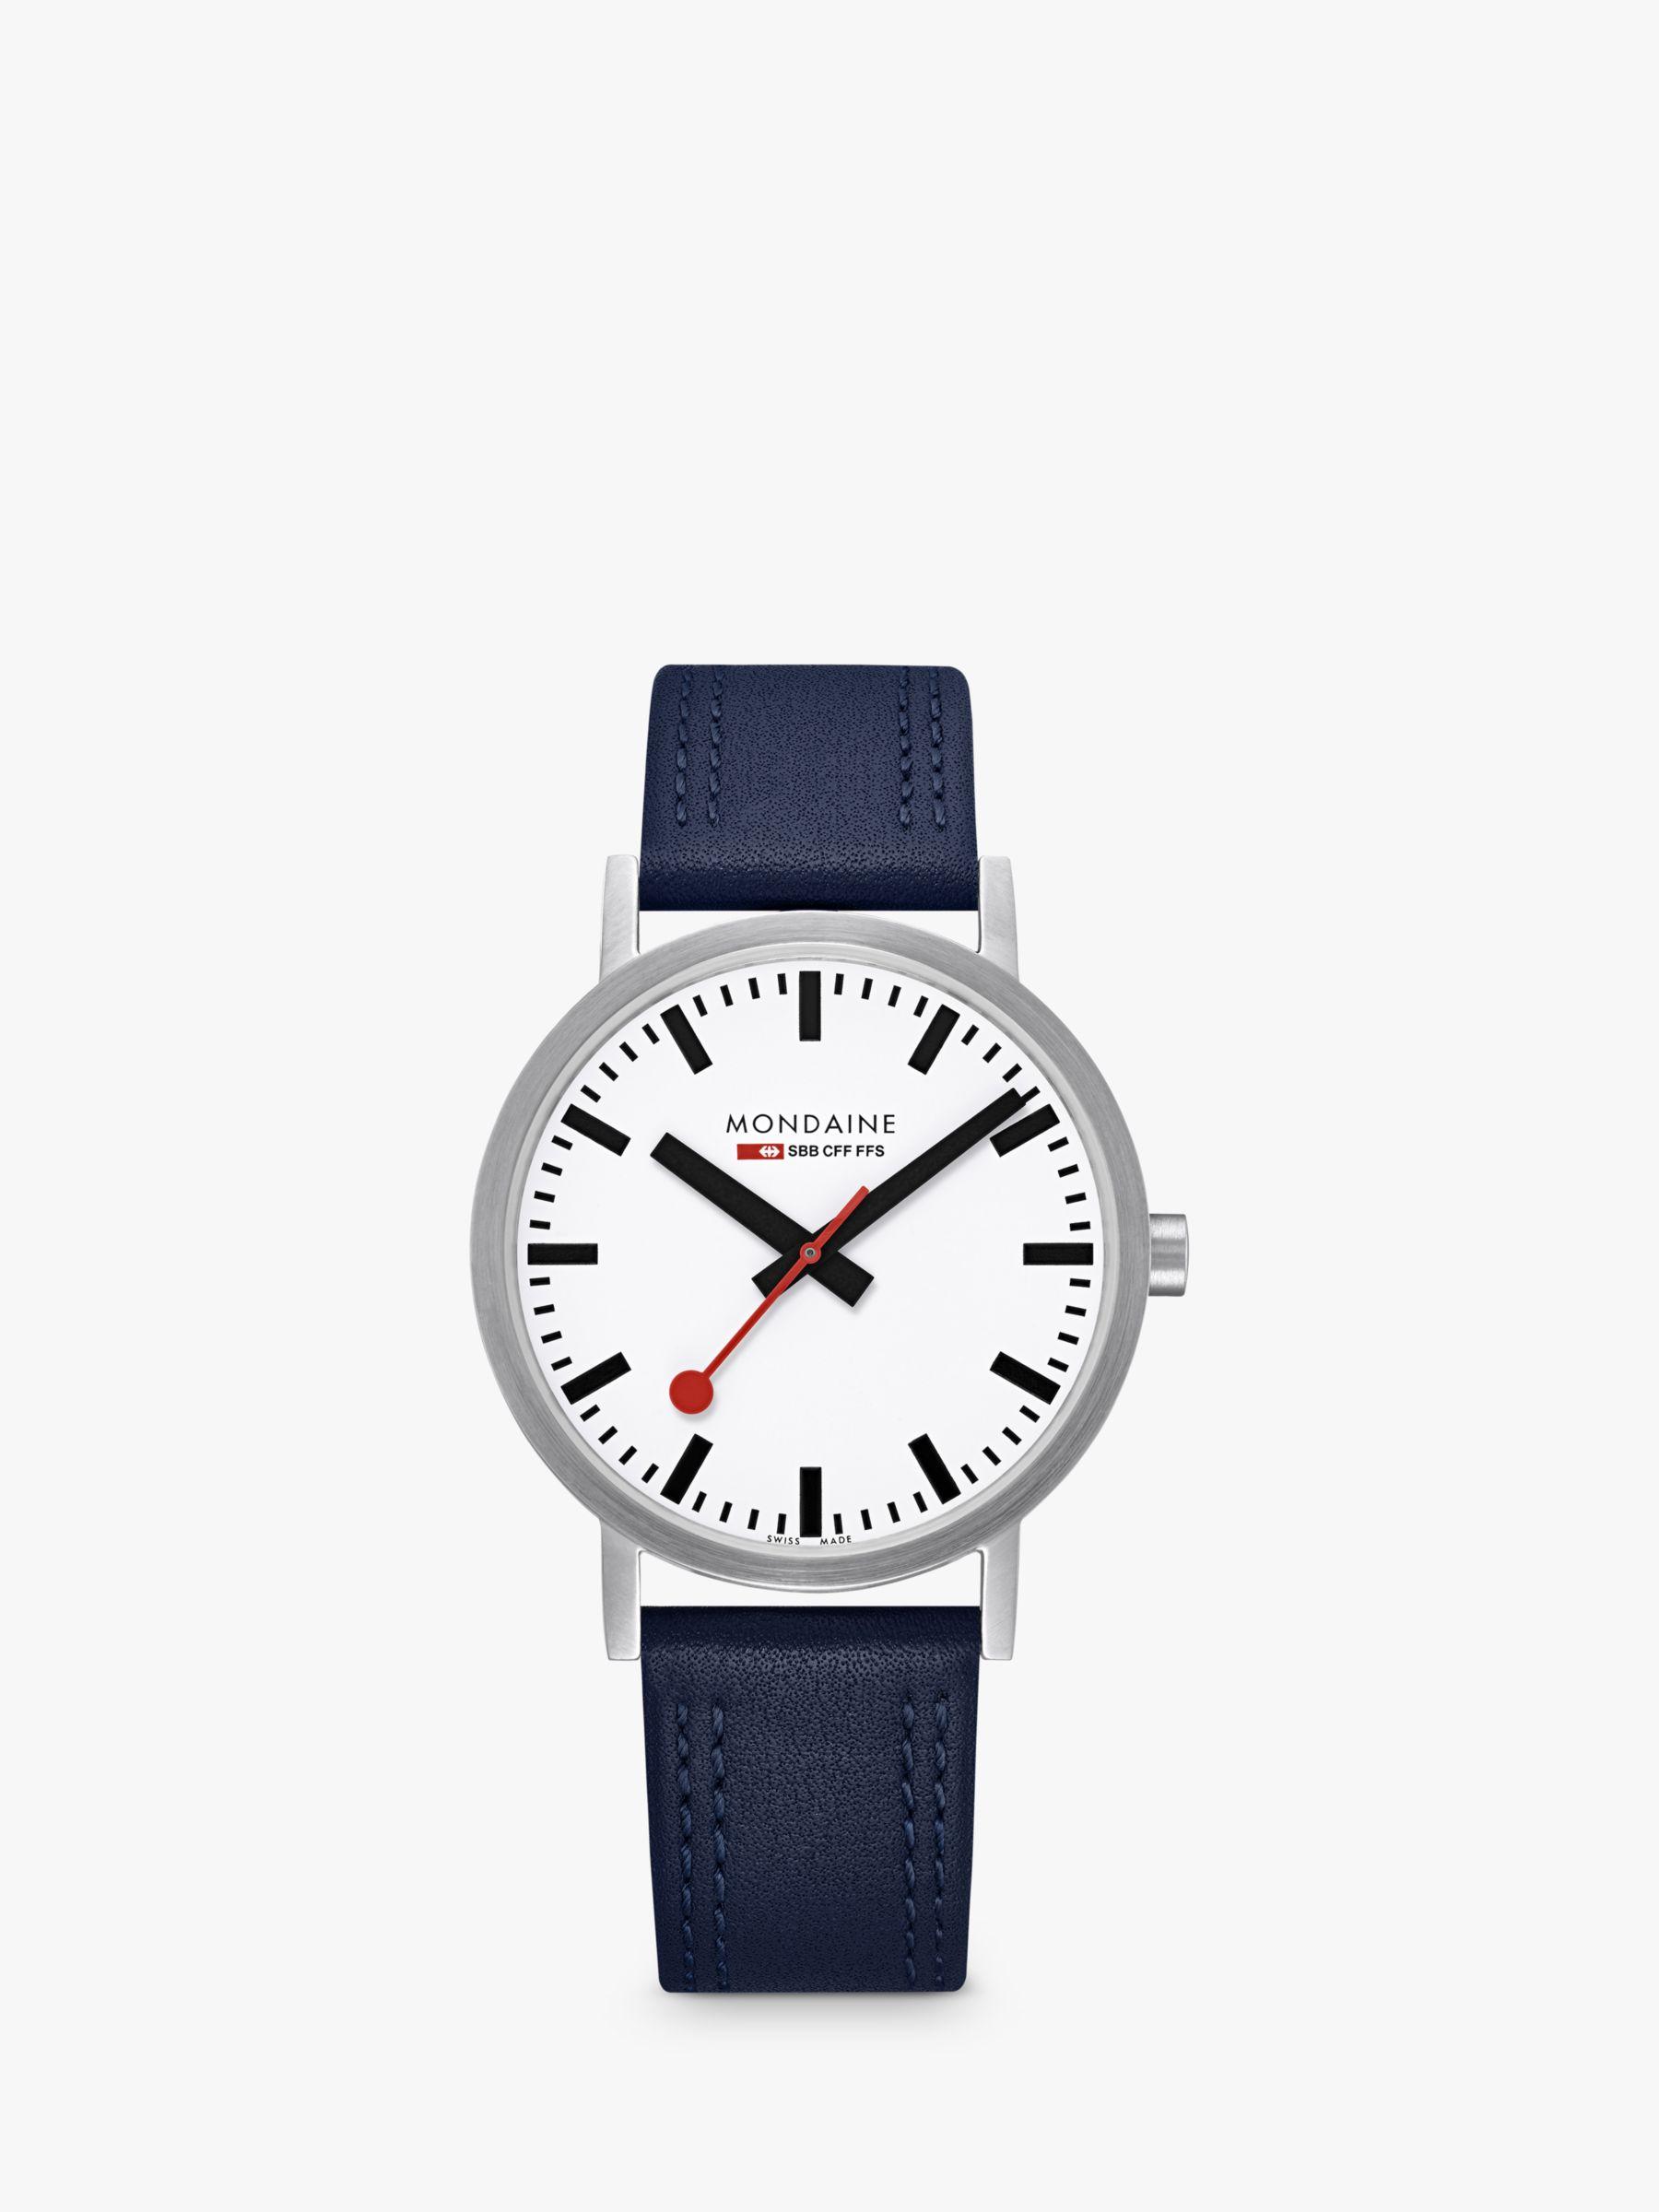 Mondaine Mondaine Unisex Double Stitch Leather Strap Watch